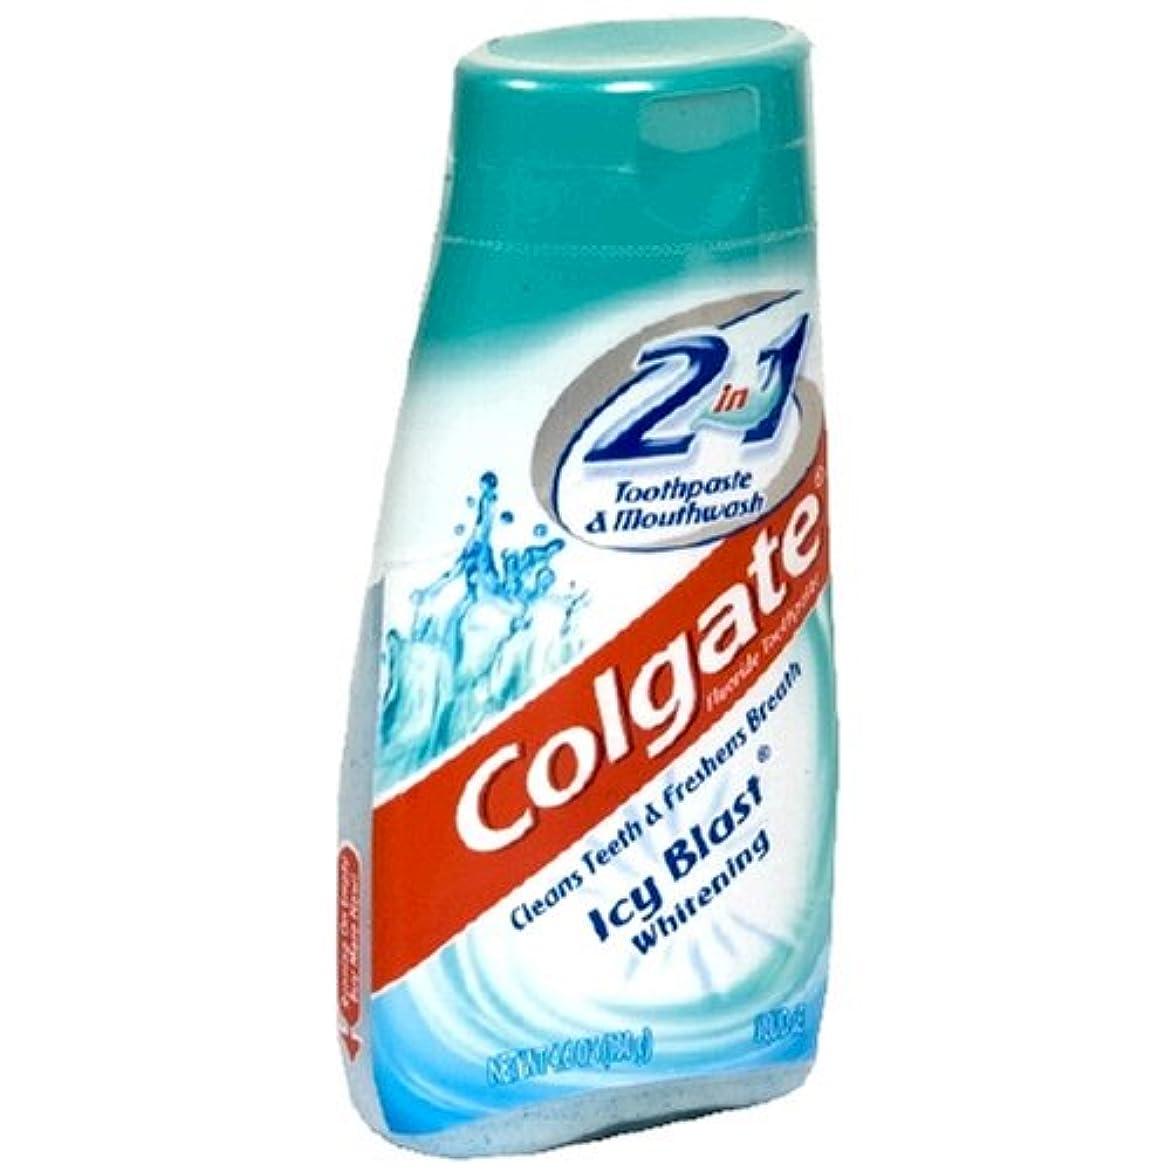 壊れた分類遊具Colgate 2で1歯磨き粉およびマウスウォッシュ、美白アイシーブラスト - 4.6オズ